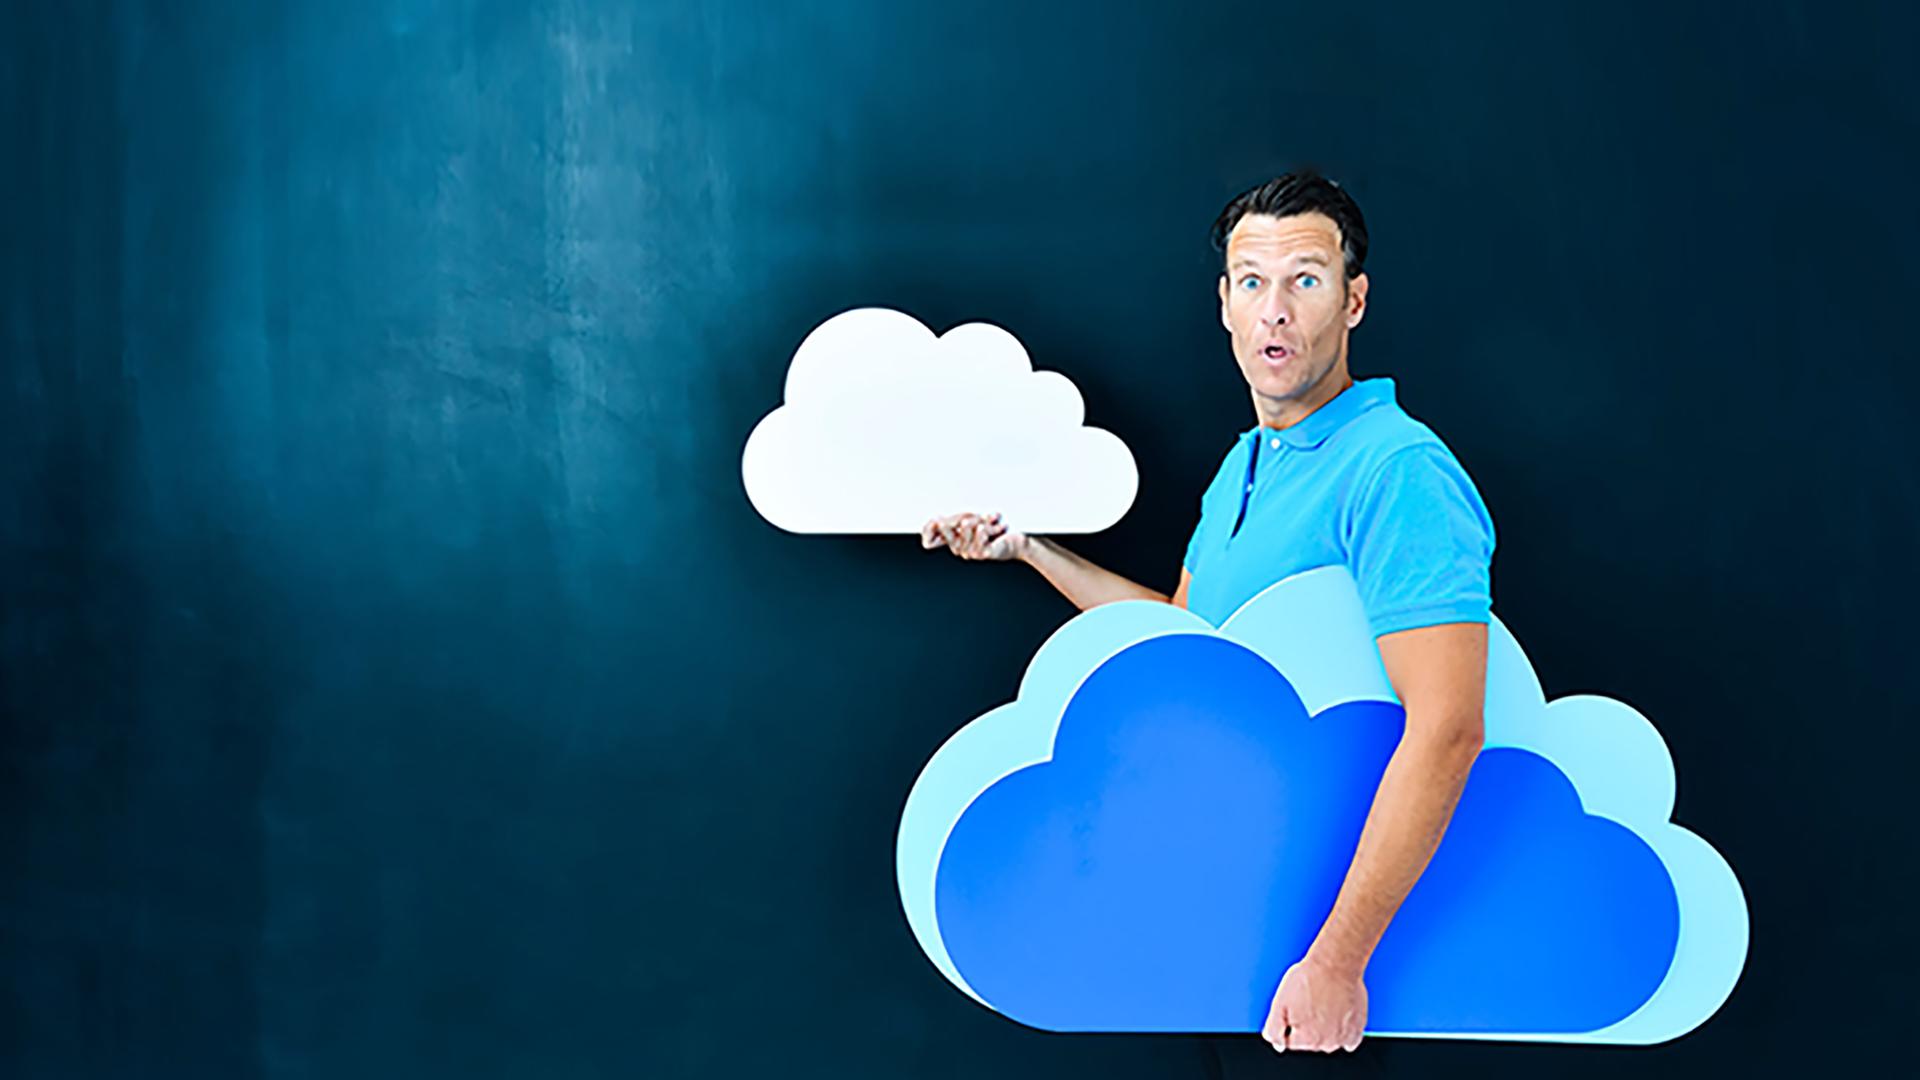 Il cloud ibrido sarà il futuro della digital transformation. Un'infrastruttura flessibile e scalabile che riduce i costi e la complessità di gestione degli ambienti cloud.